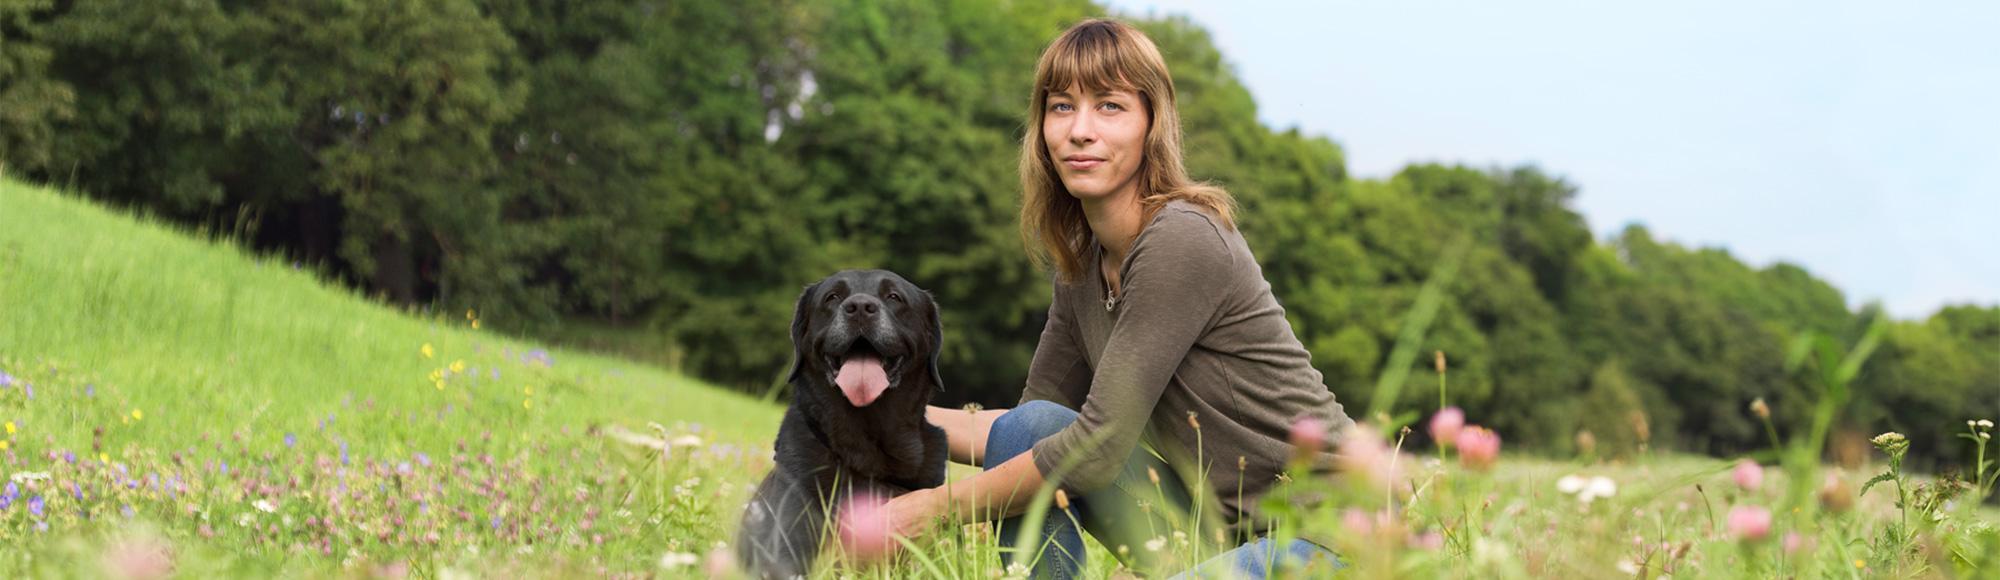 media/image/header-mitarbeiterin-hund.jpg